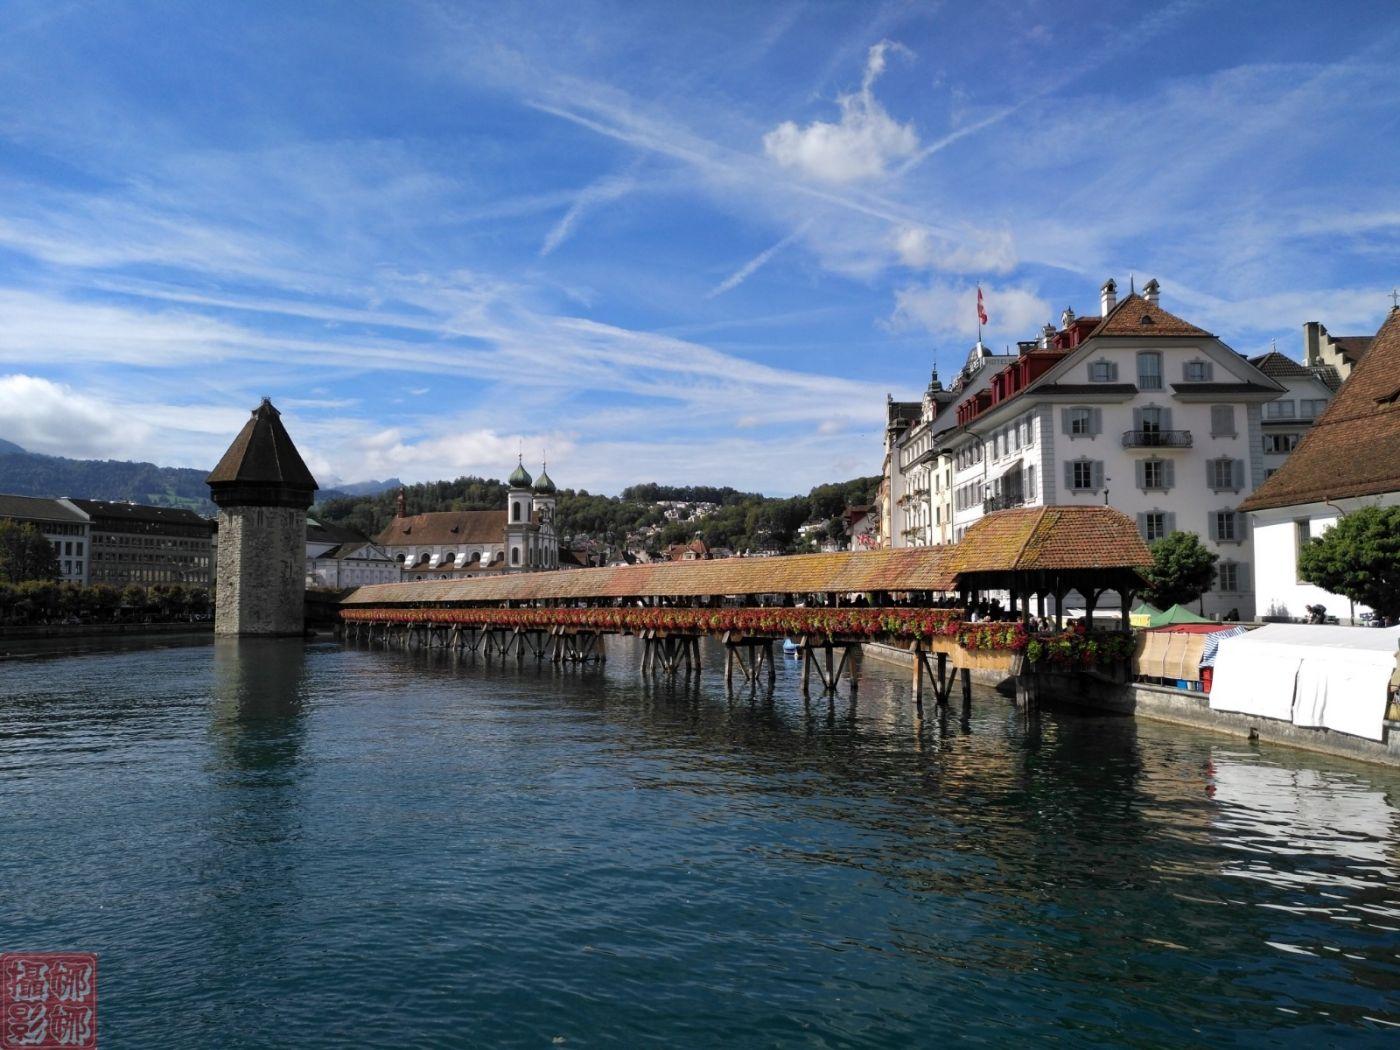 瑞士卢塞恩湖畔风光(一)_图1-4